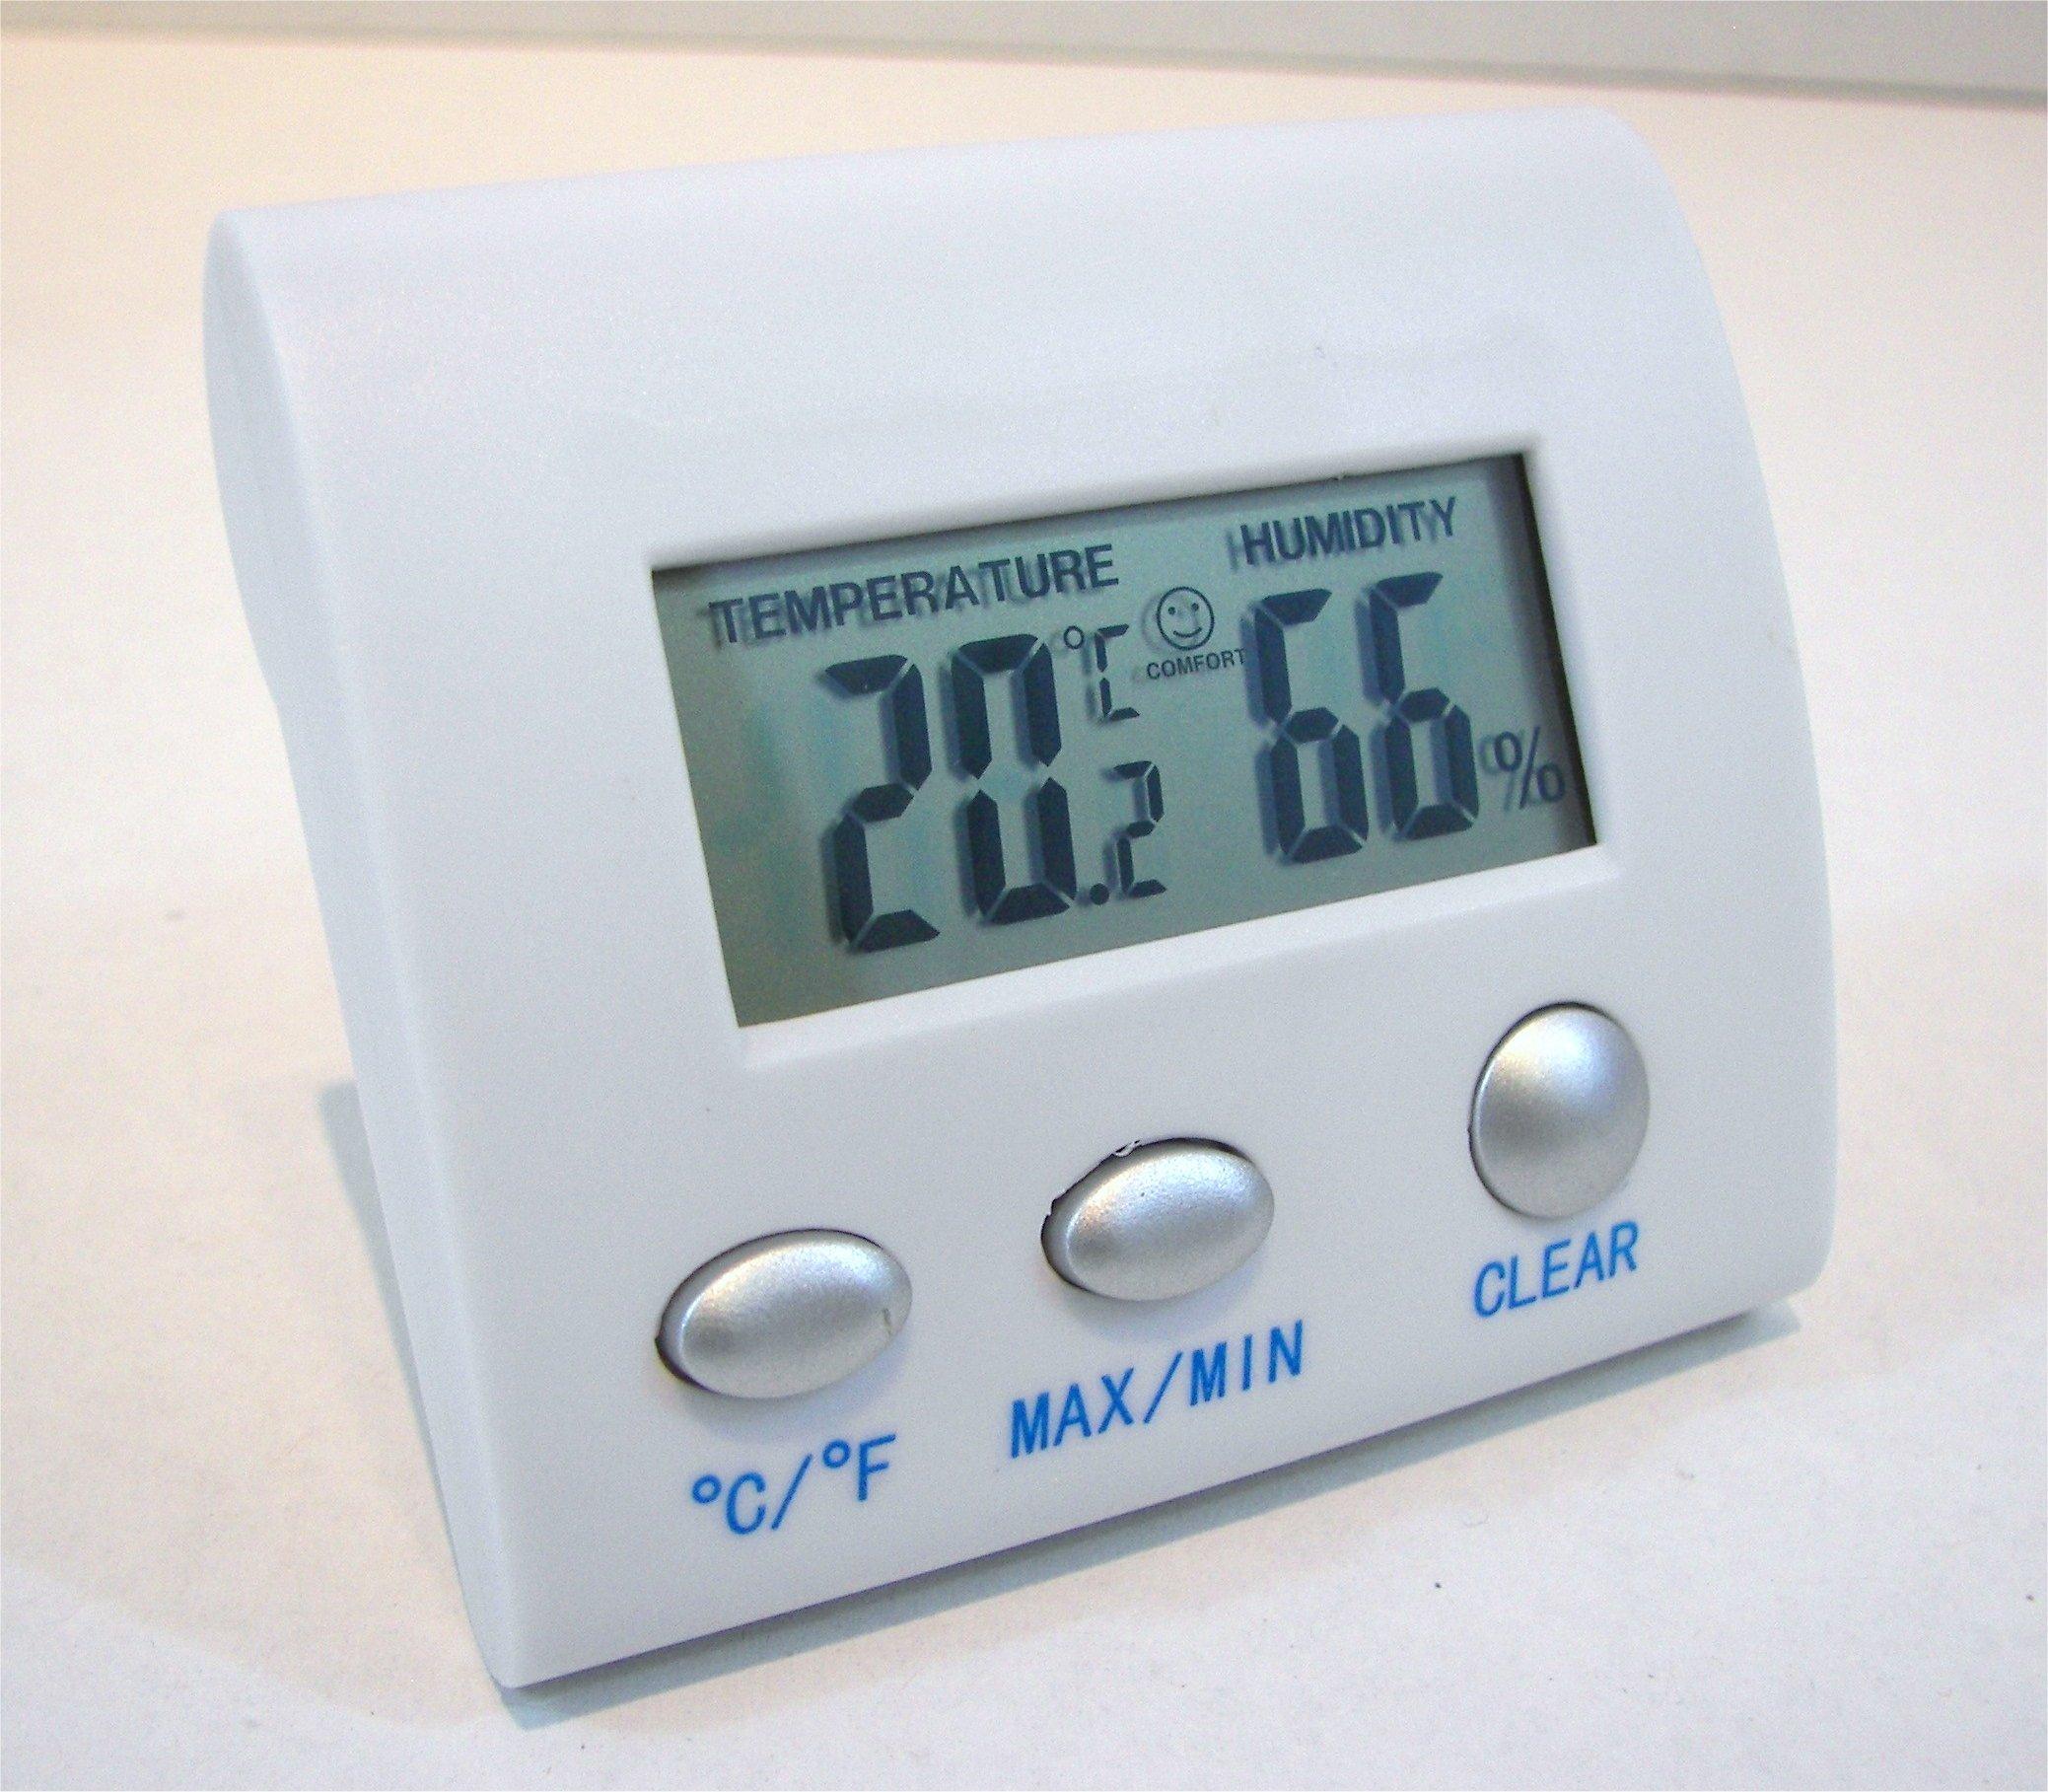 Relative Humidity Meter : Imagine instruments relative humidity rh meter